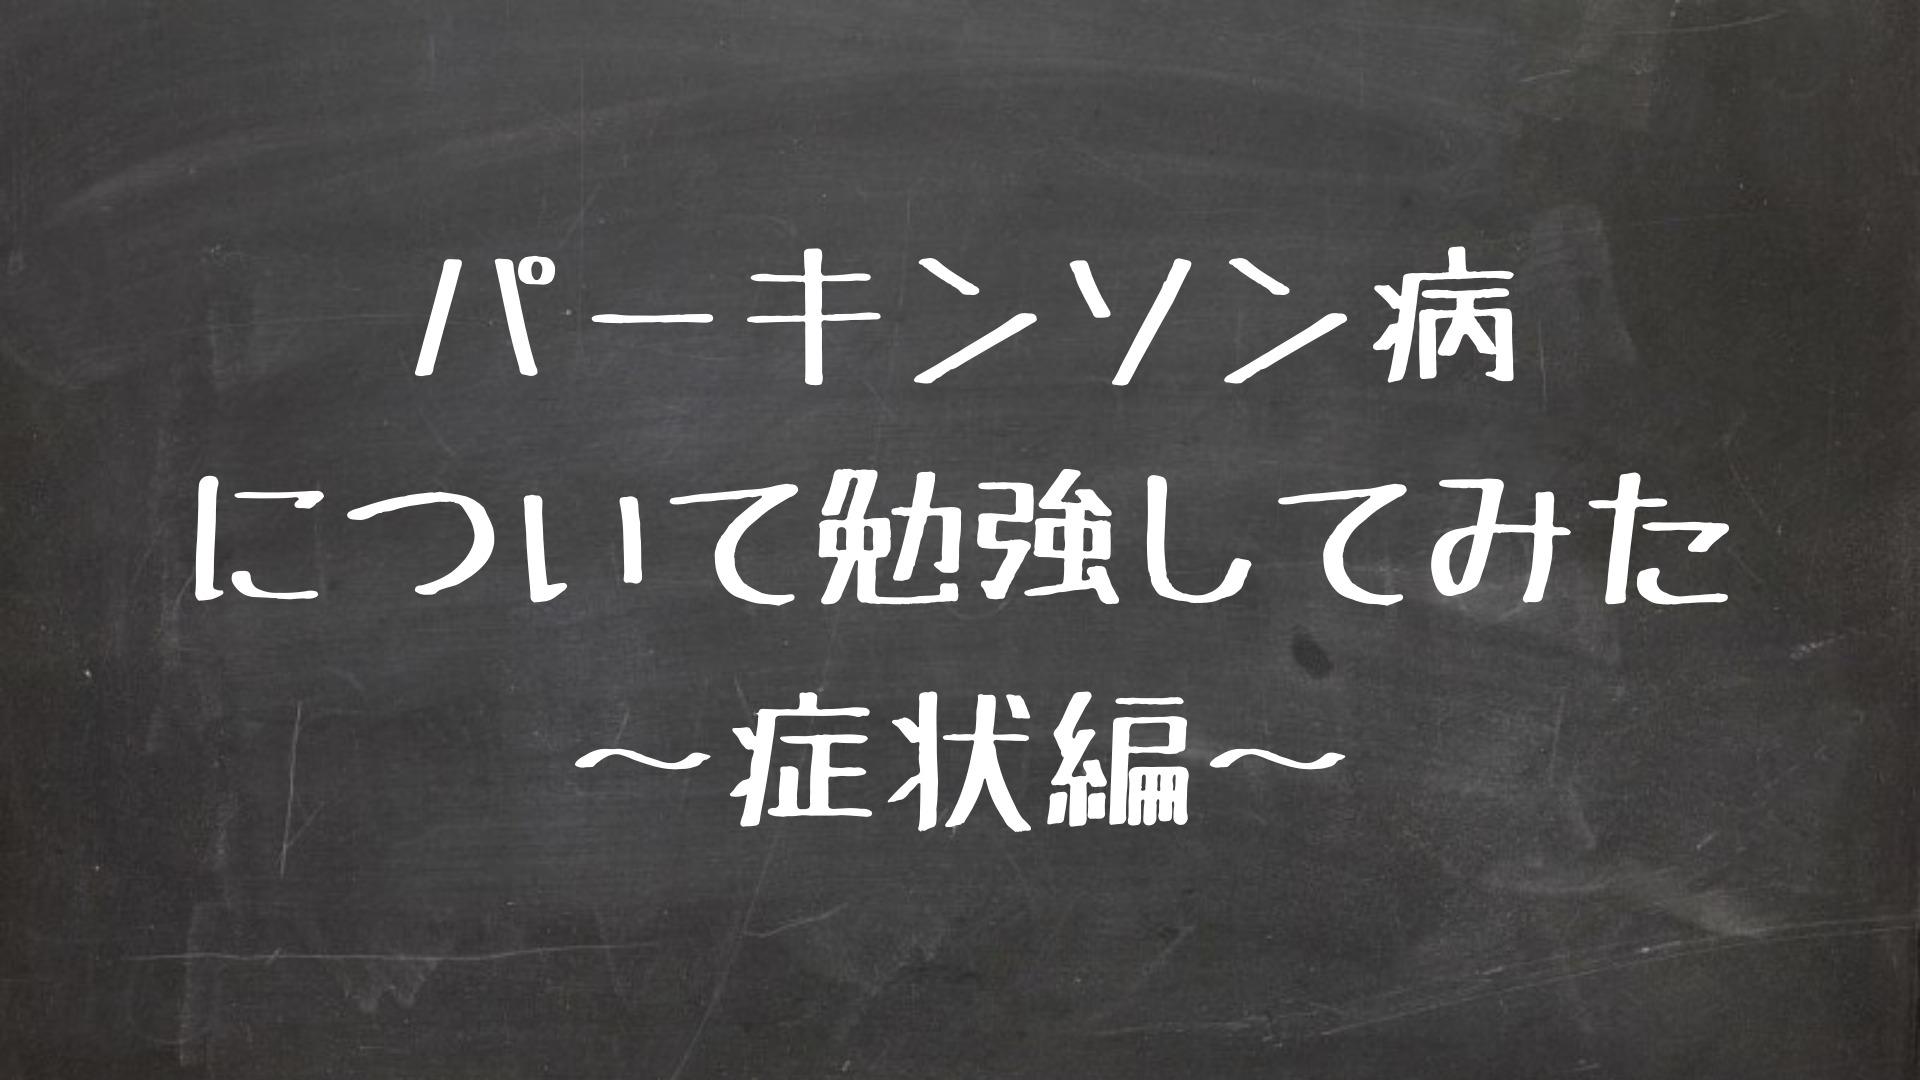 パーキンソン病について勉強してみた 〜症状編〜